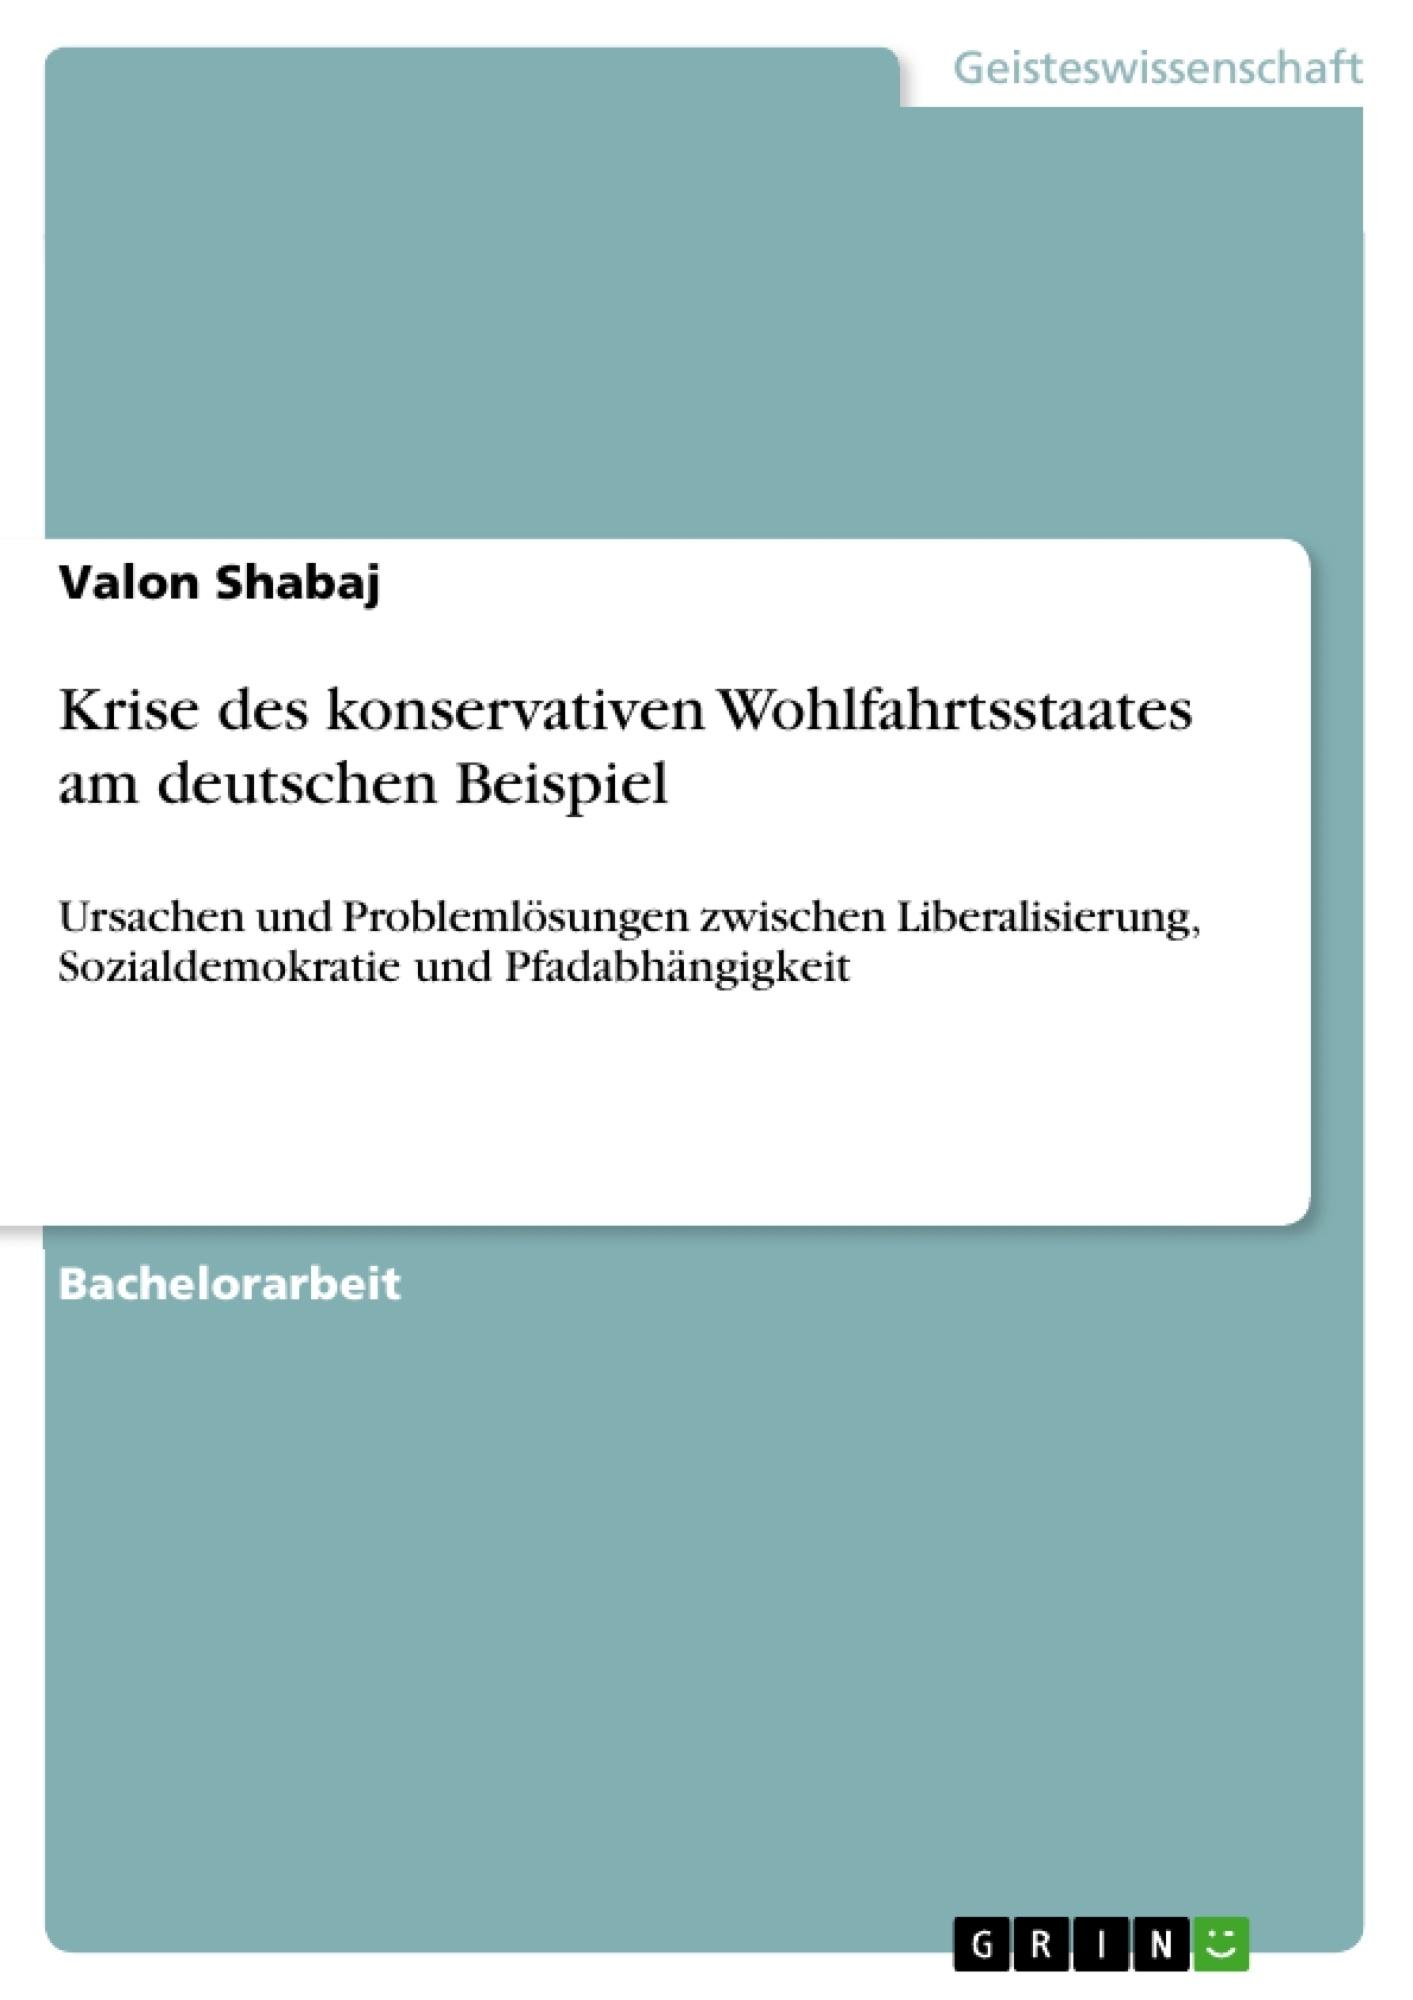 Titel: Krise des konservativen Wohlfahrtsstaates am deutschen Beispiel